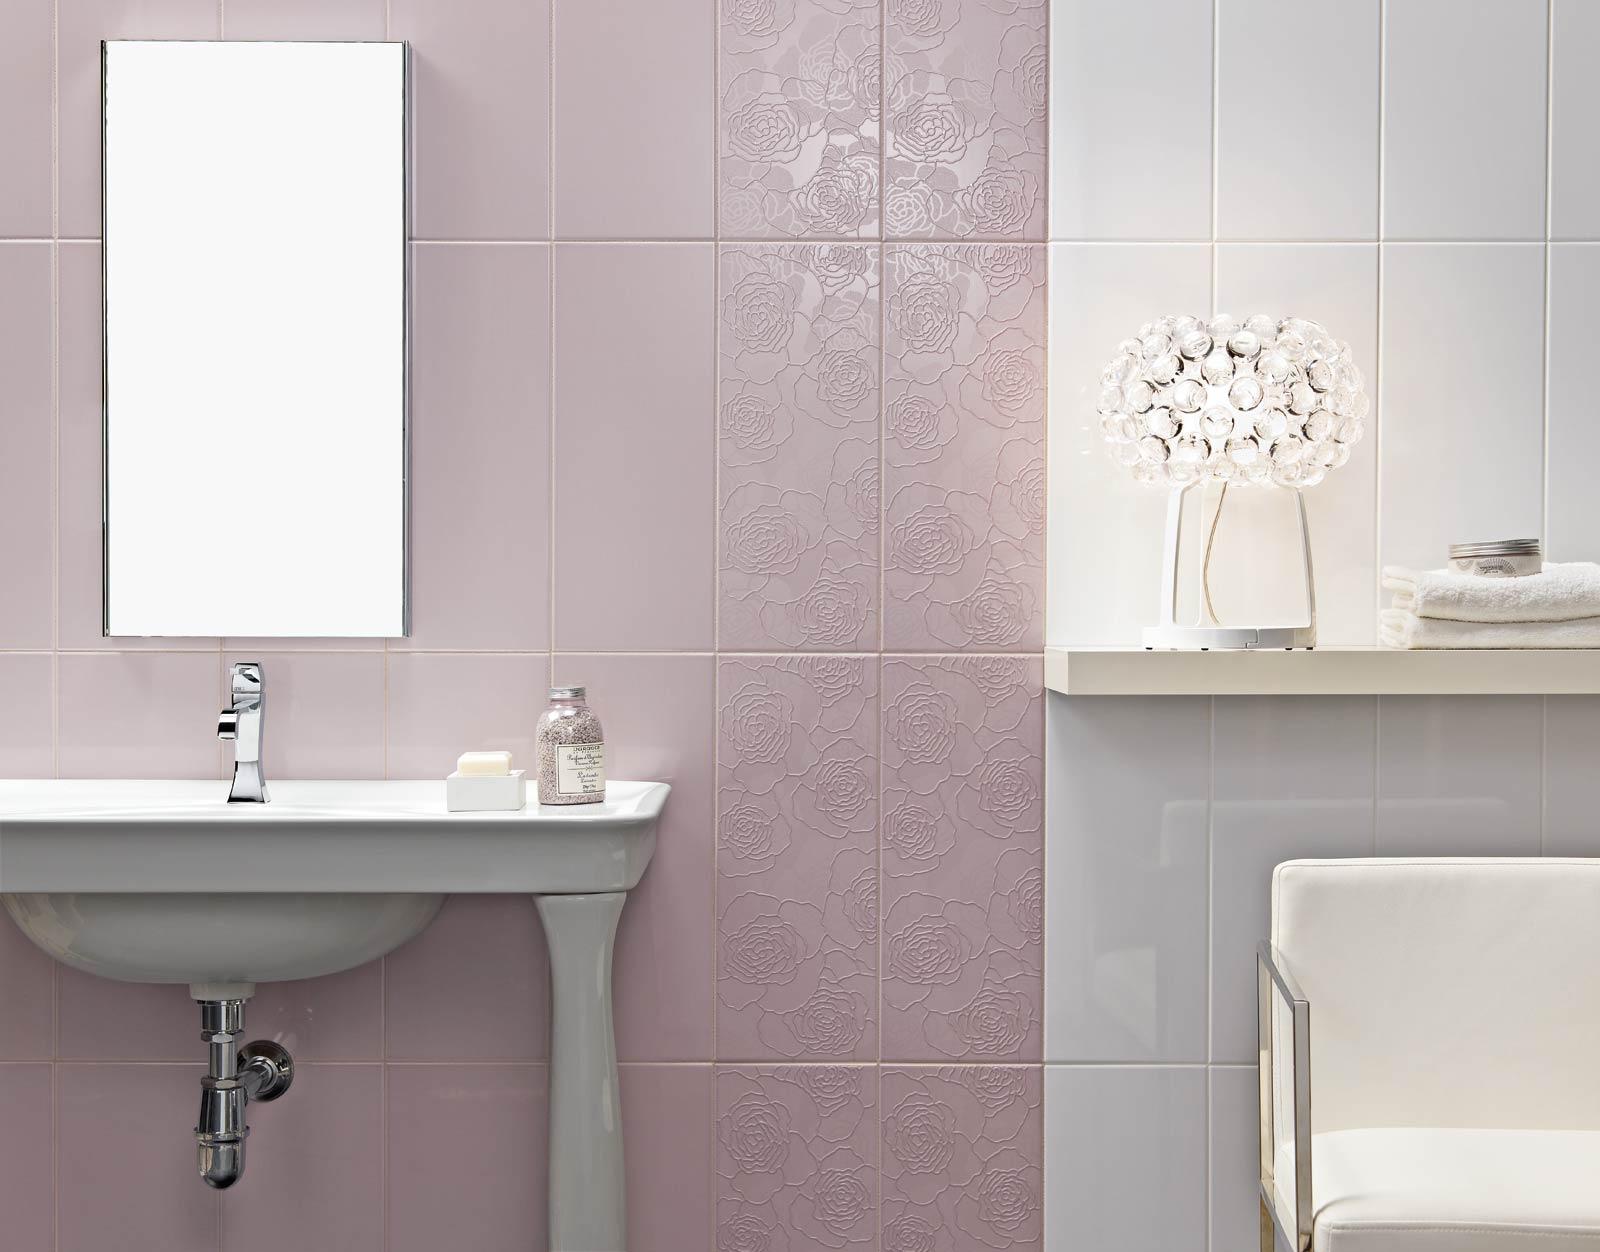 Viola marazzi - Smalti bicomponenti per pitturare piastrelle o ceramiche ...